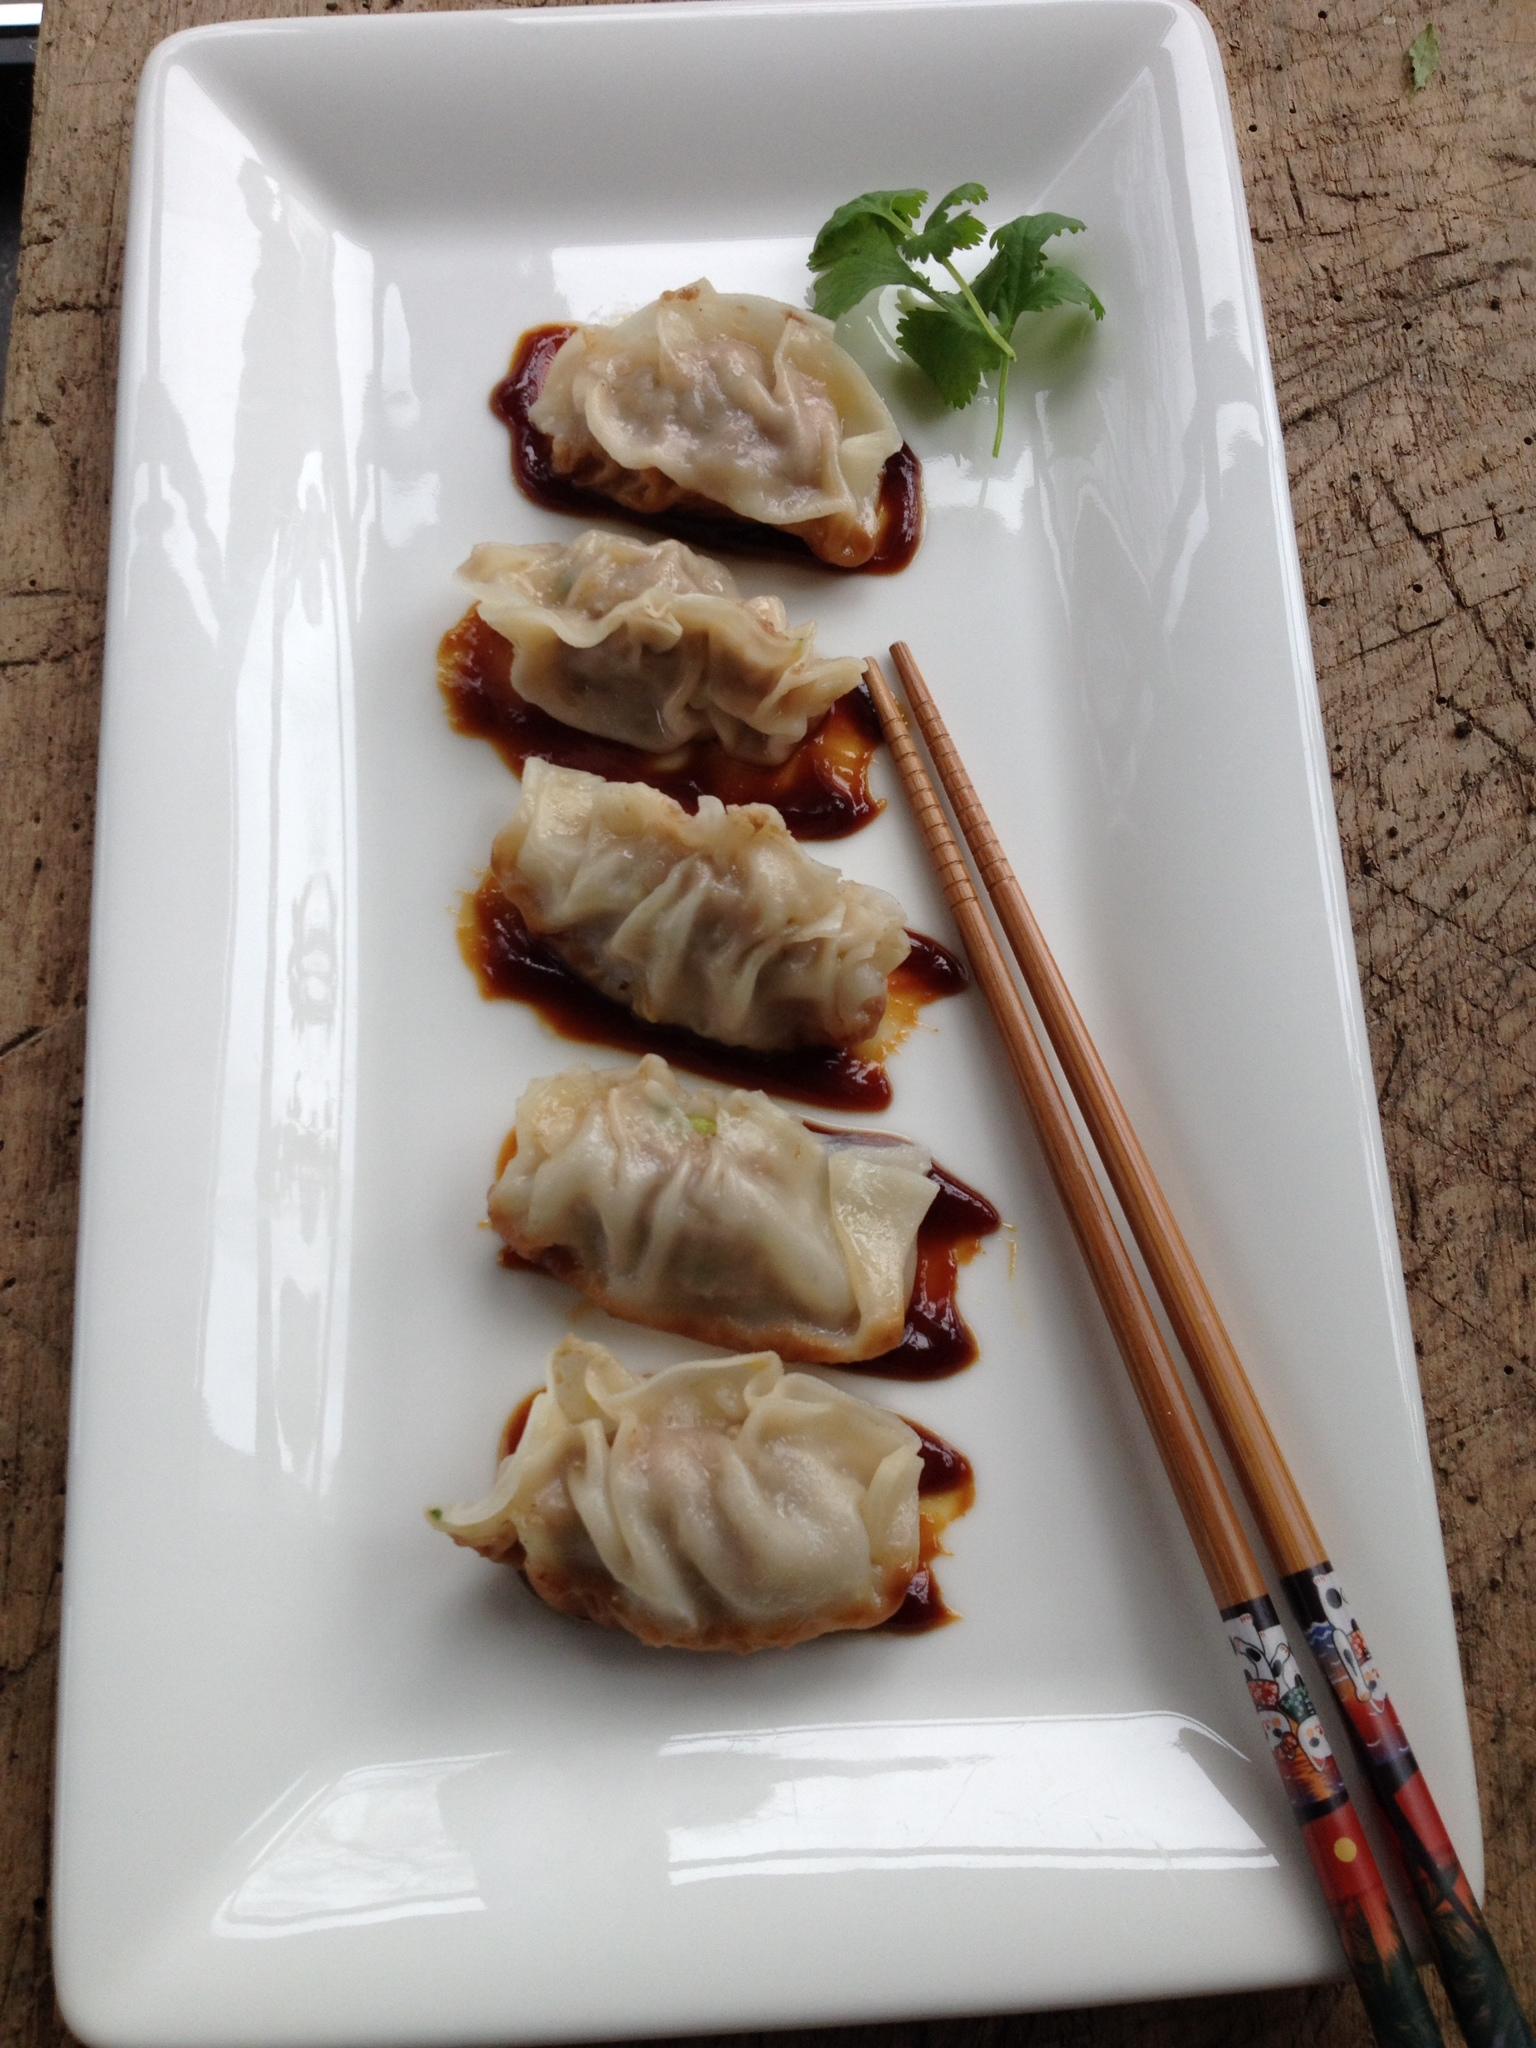 """Ook gek van de japanse keuken? Maak zelf Japanse dumplings, gevuld met een hartige mix van gehakt, kortom """" GYOZA'S""""."""